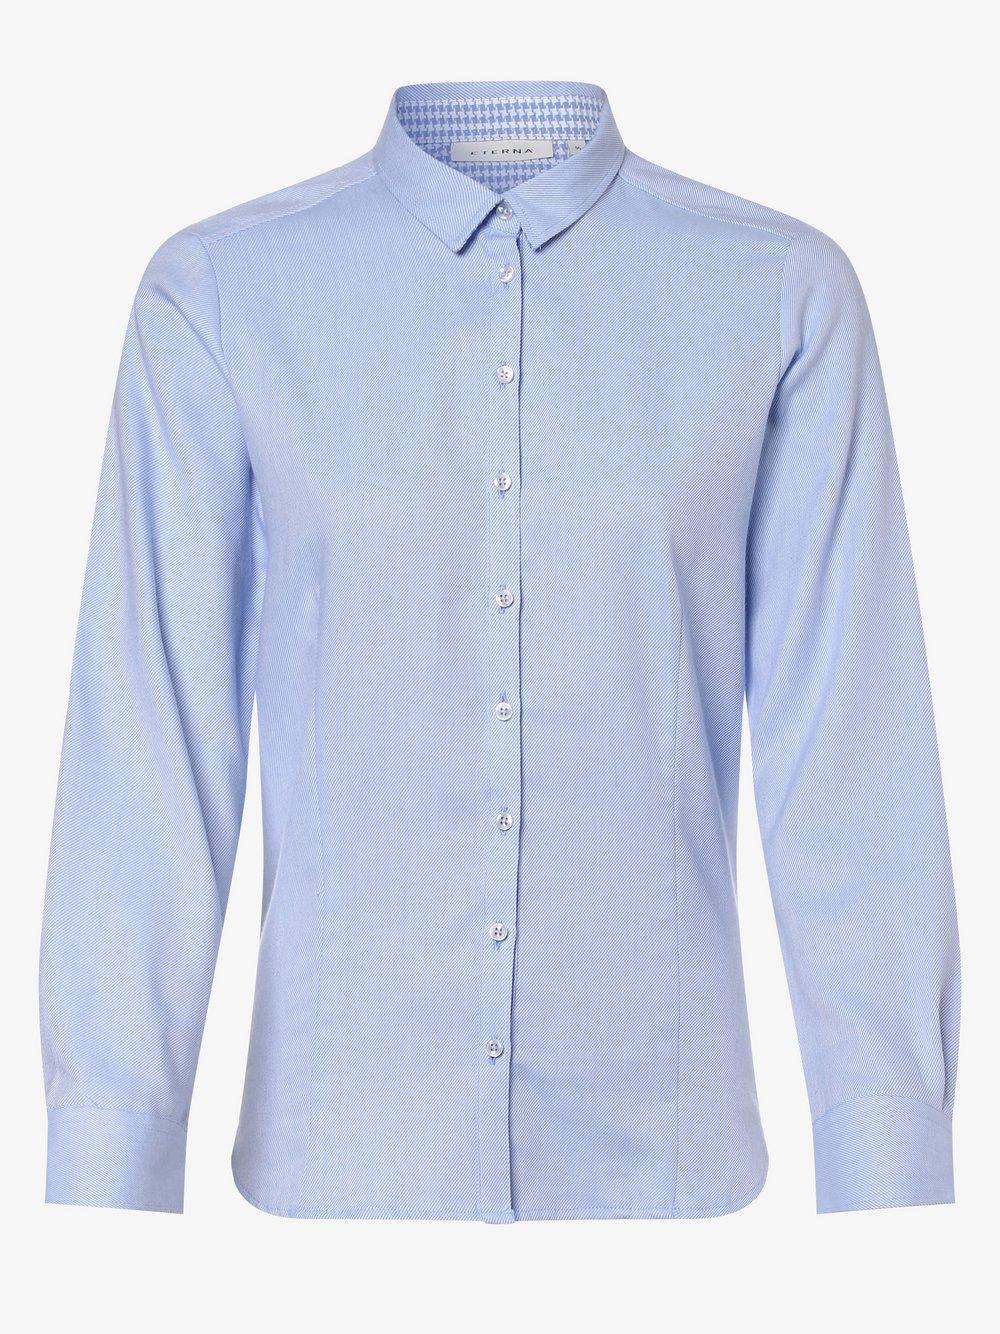 Eterna Comfort Fit - Bluzka damska niewymagająca prasowania, niebieski